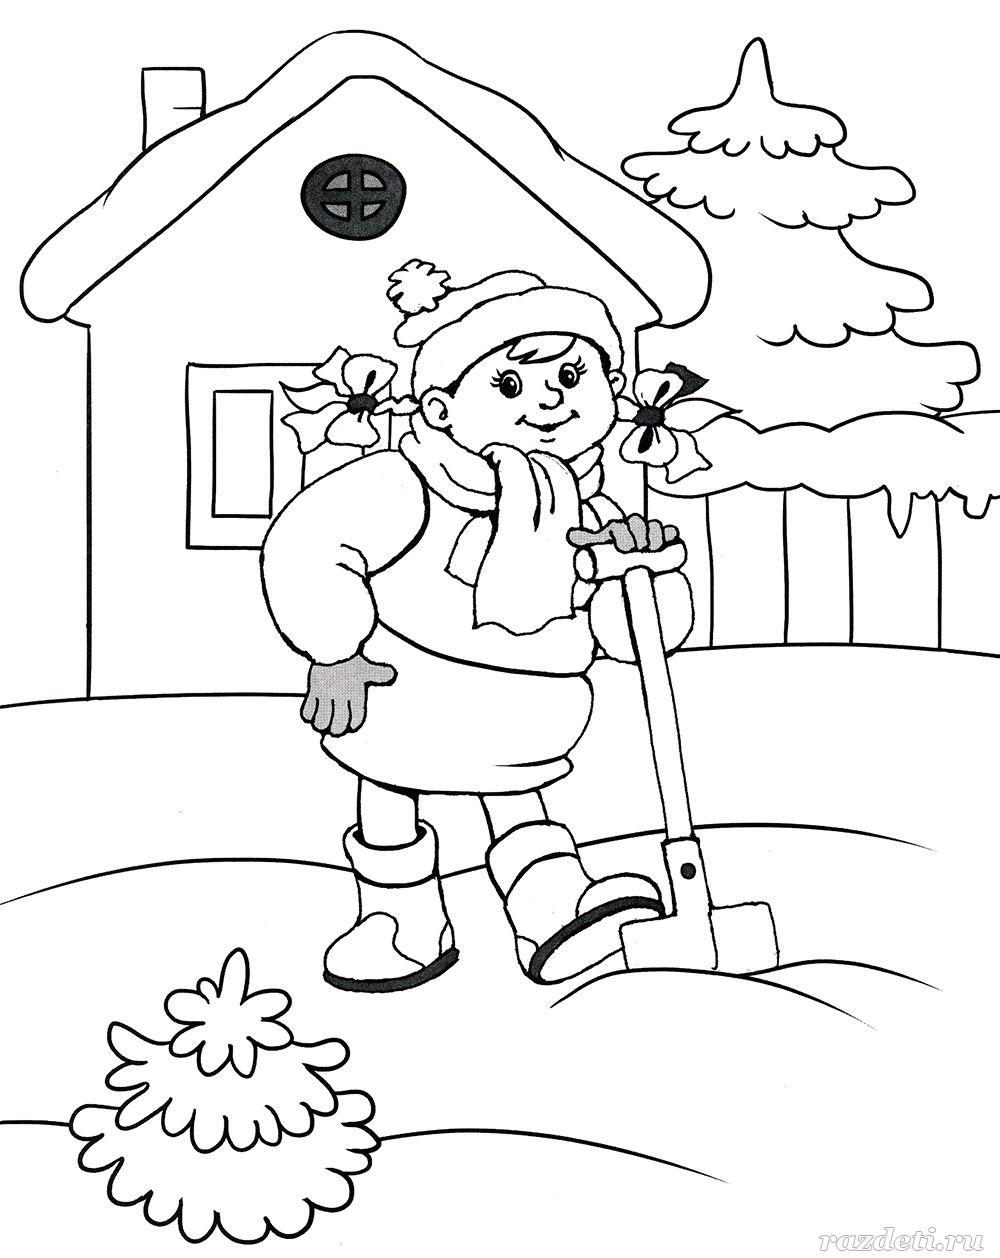 женской картинки раскраски на тему зимние забавы его фанат, обязательно